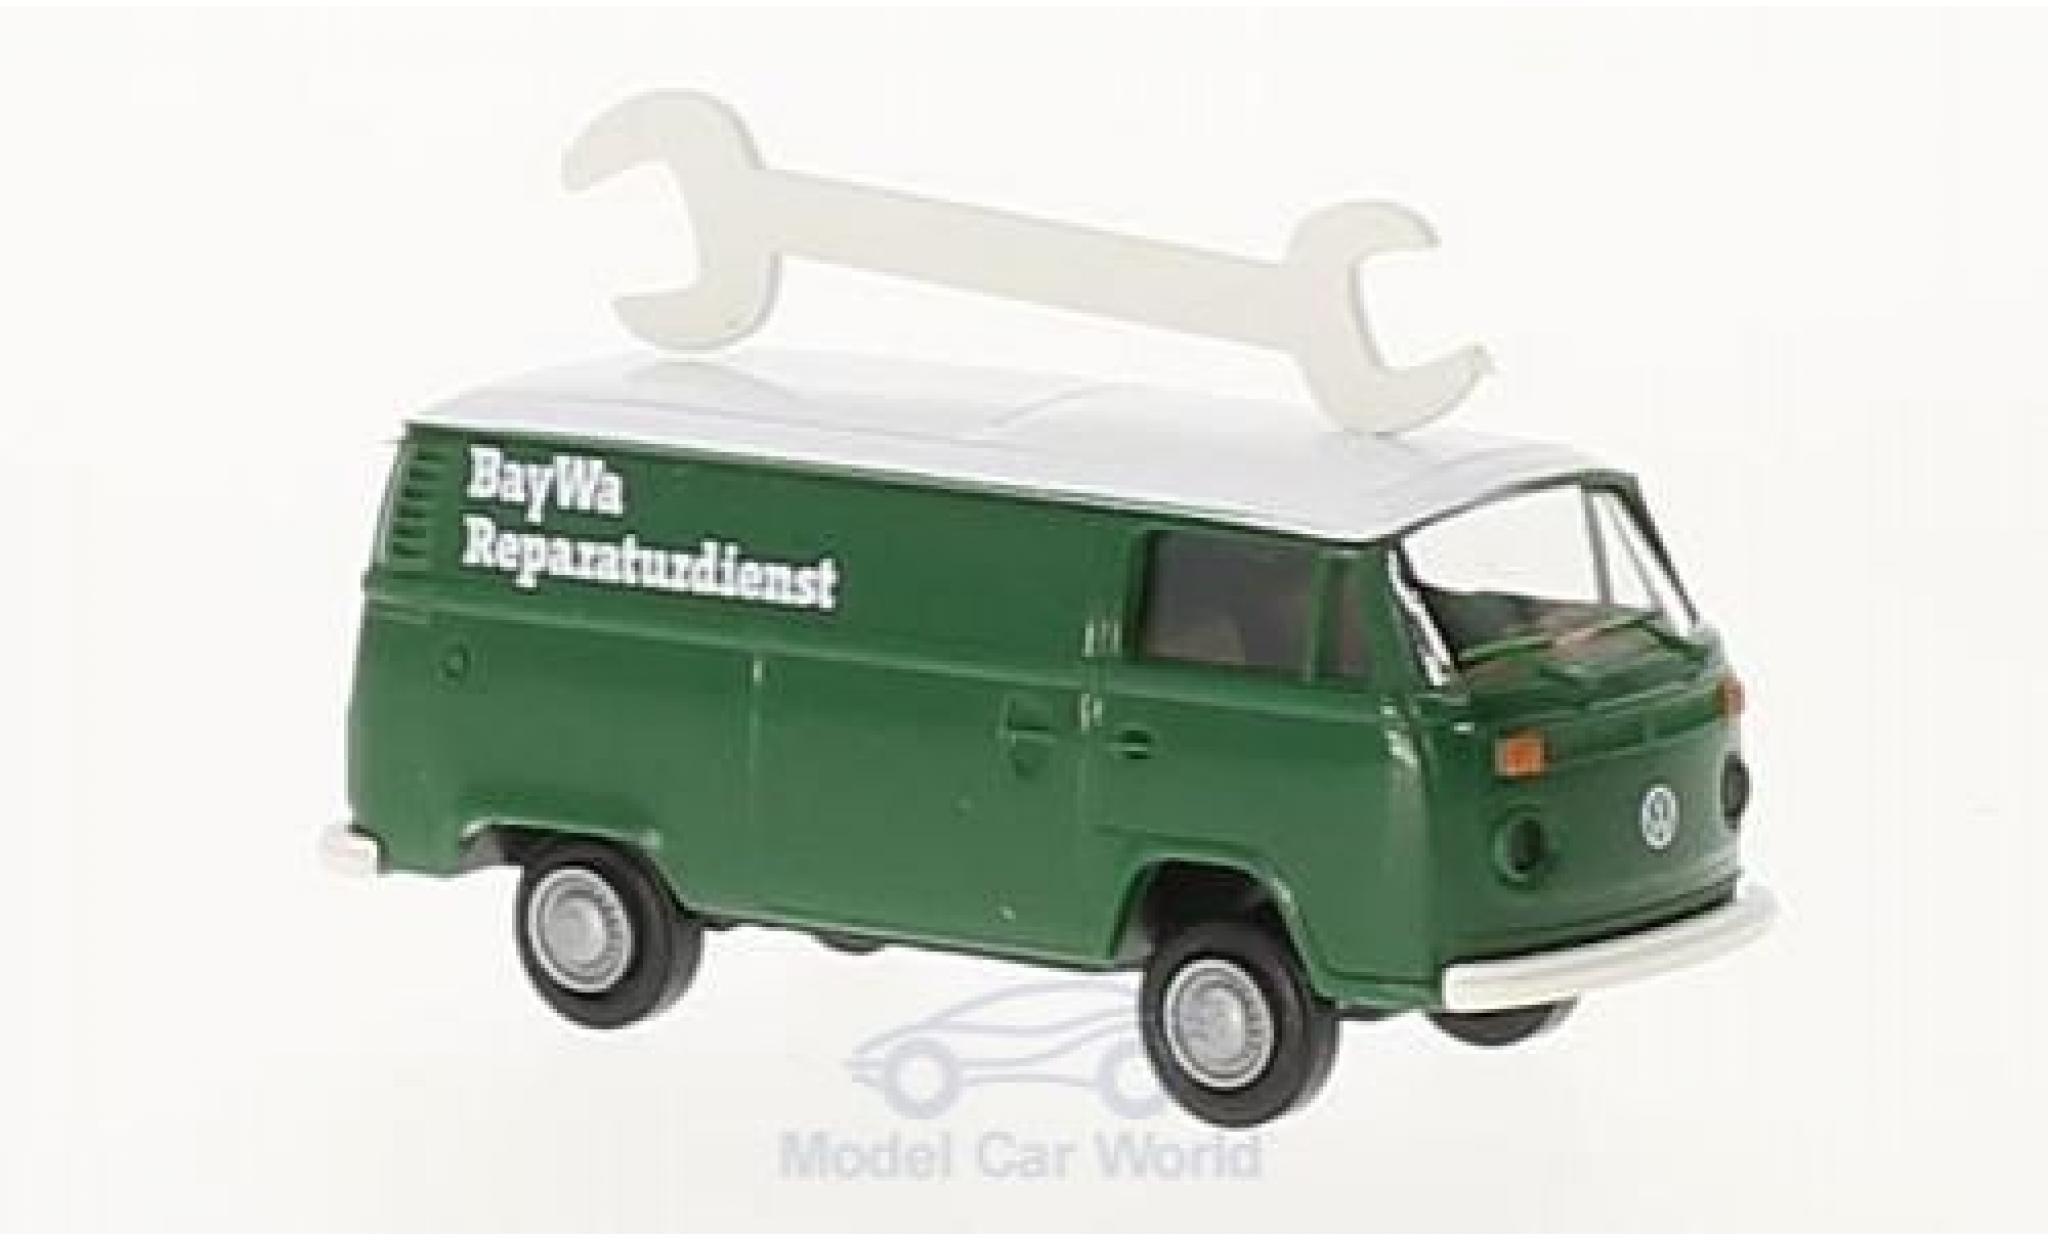 Volkswagen T2 1/87 Brekina Kasten BayWa Reparaturdienst